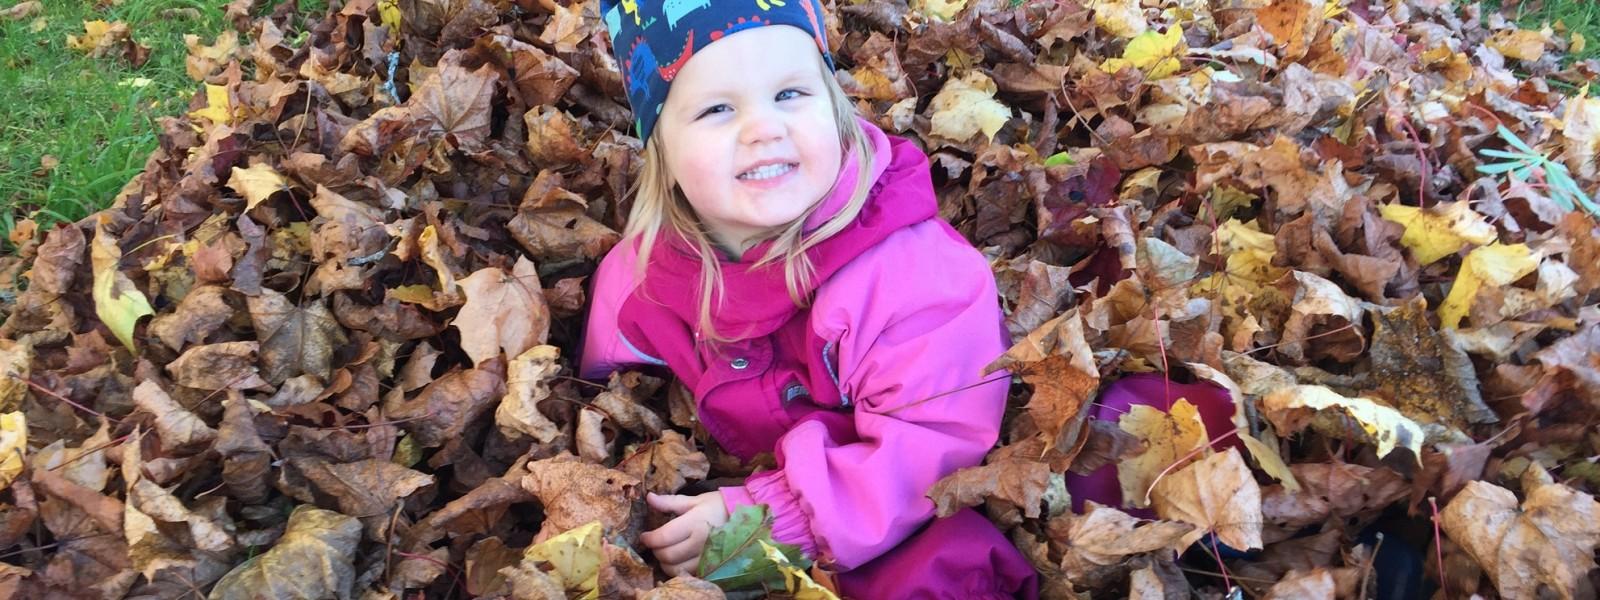 3 vuotiaan fyysinen kehitys